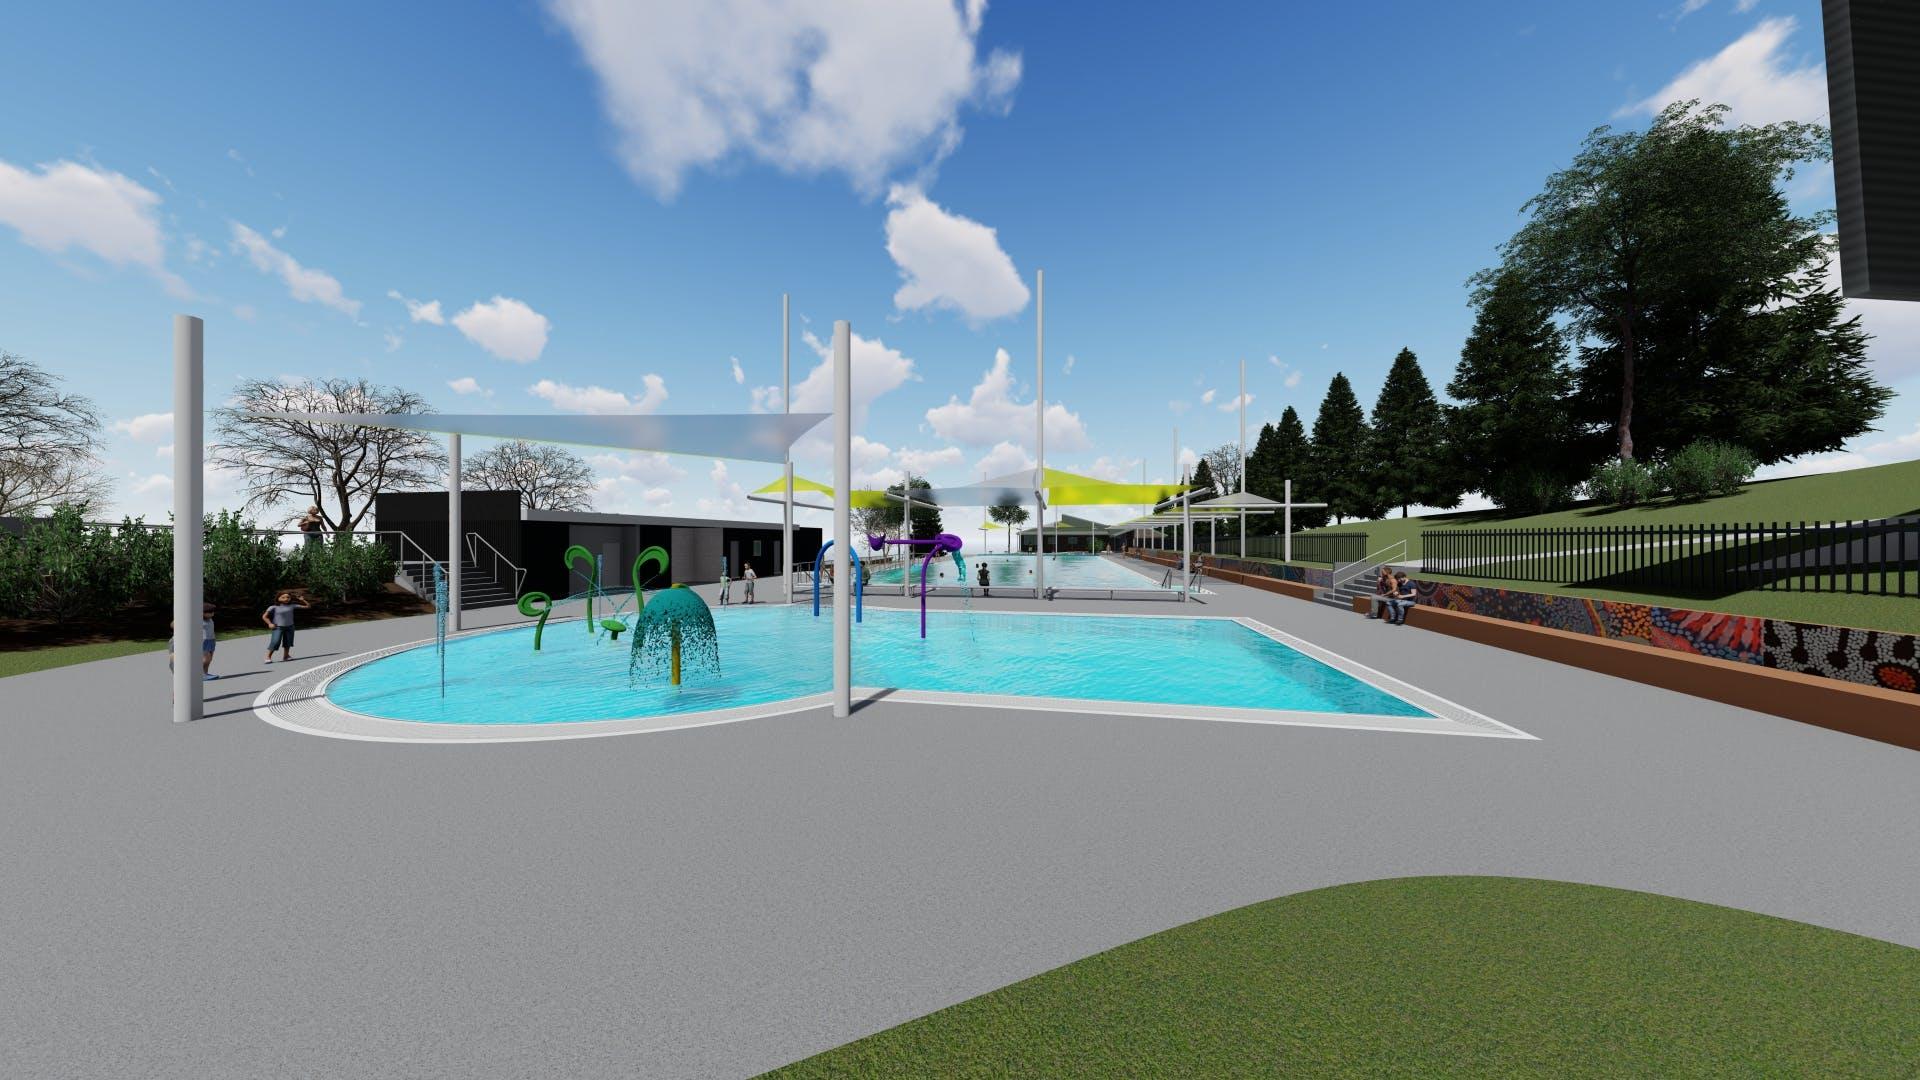 Children's Pool - concept design